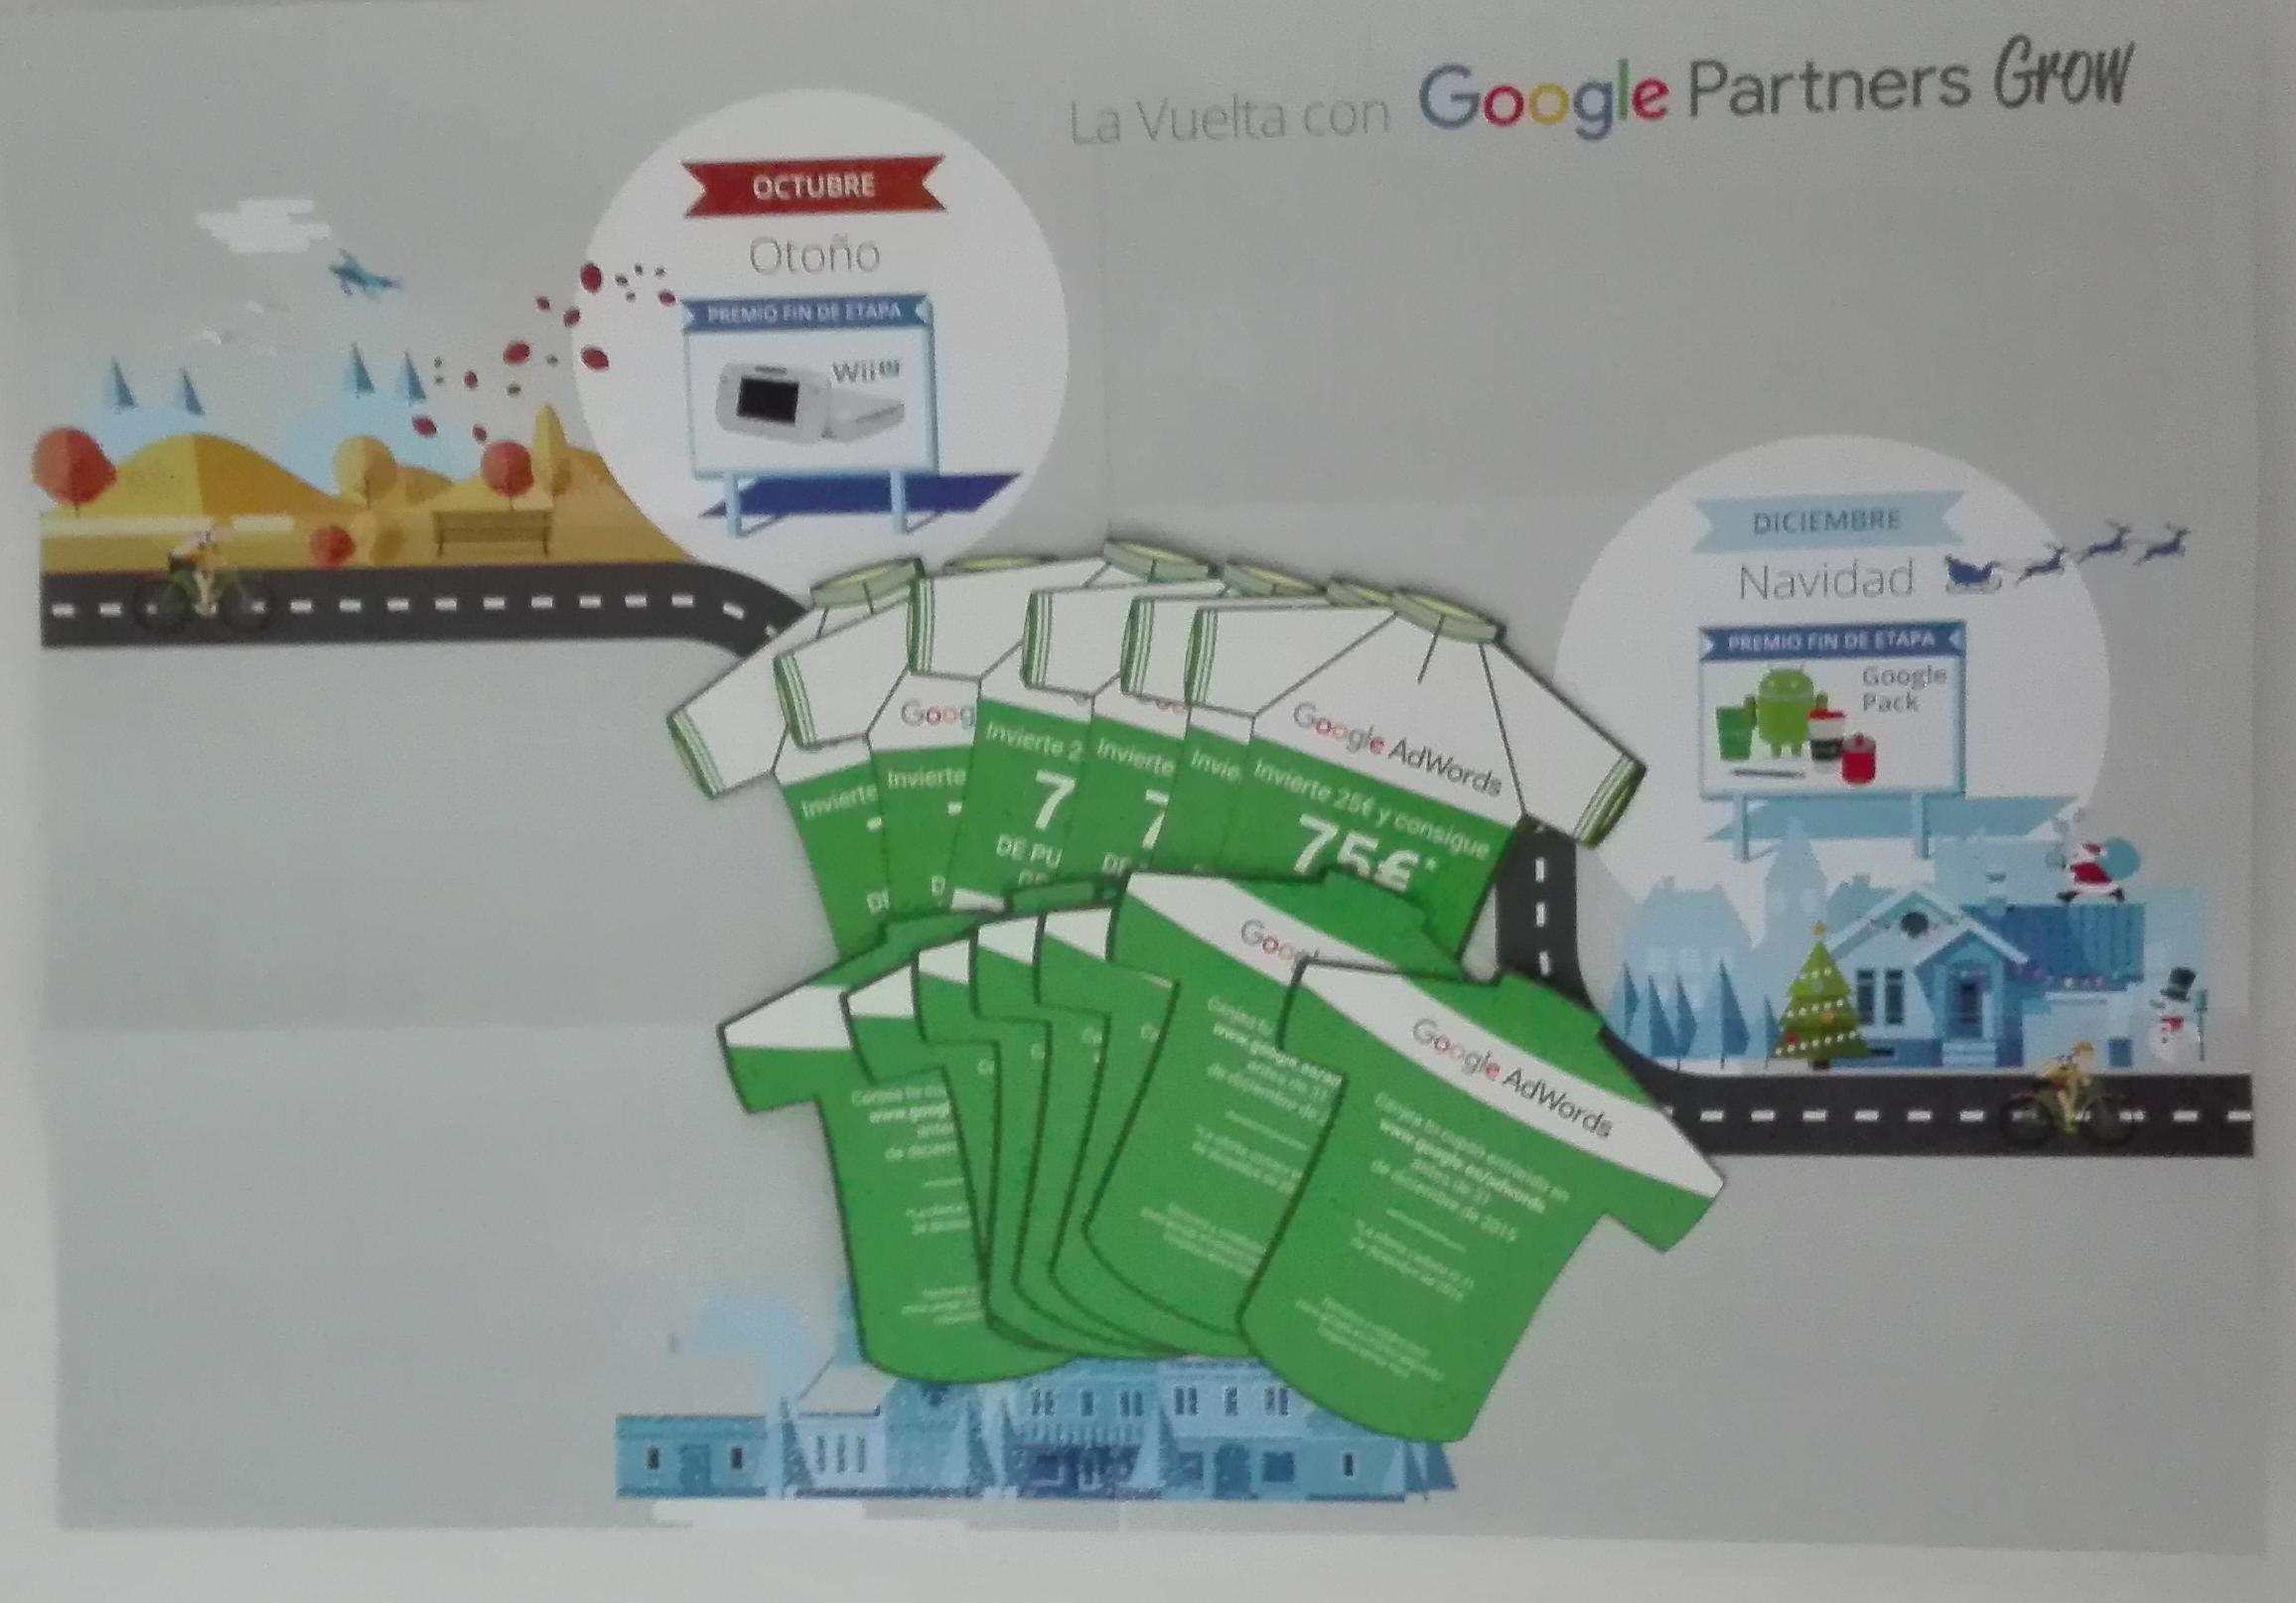 Caja de la vuelta de Google partners